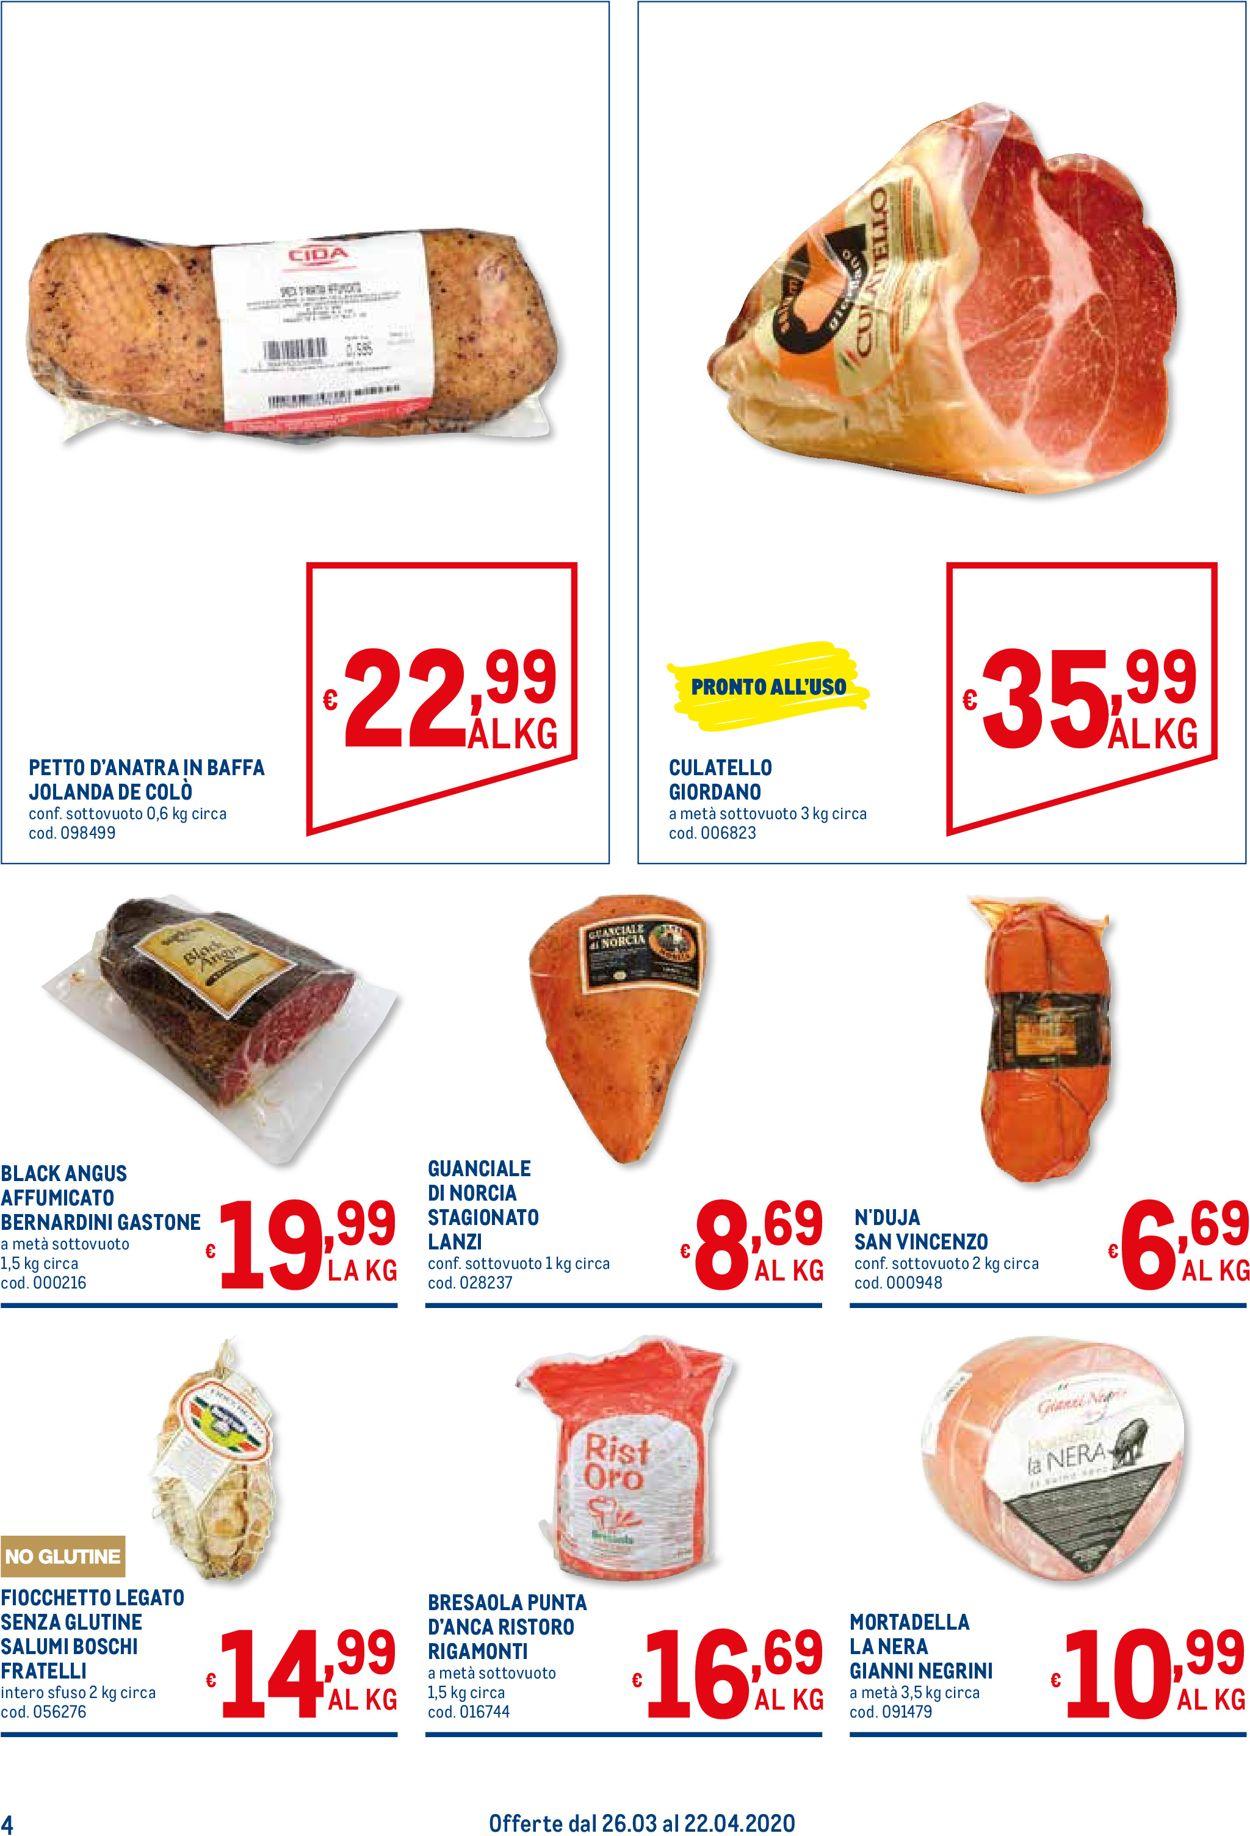 Volantino Metro - Offerte 26/03-22/04/2020 (Pagina 4)